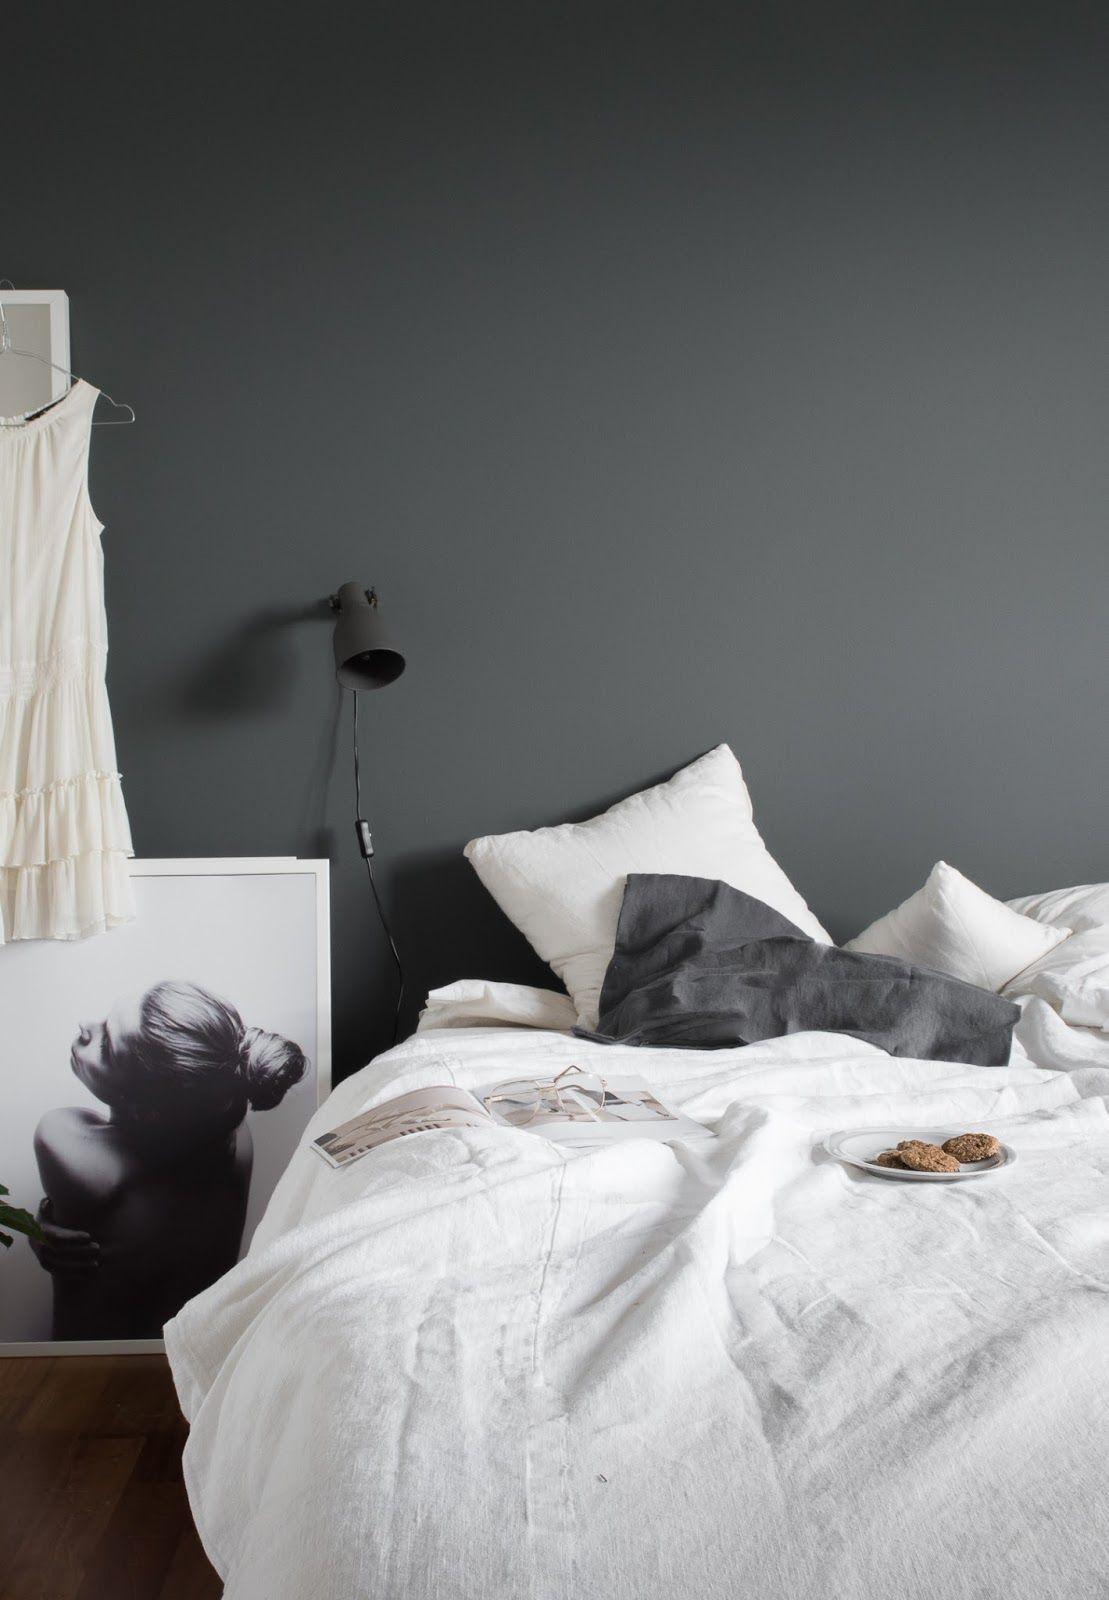 Inspire Grautone Als Wandfarbe Schoner Wohnen Wandfarbe Schlafzimmer Inspirationen Wandfarbe